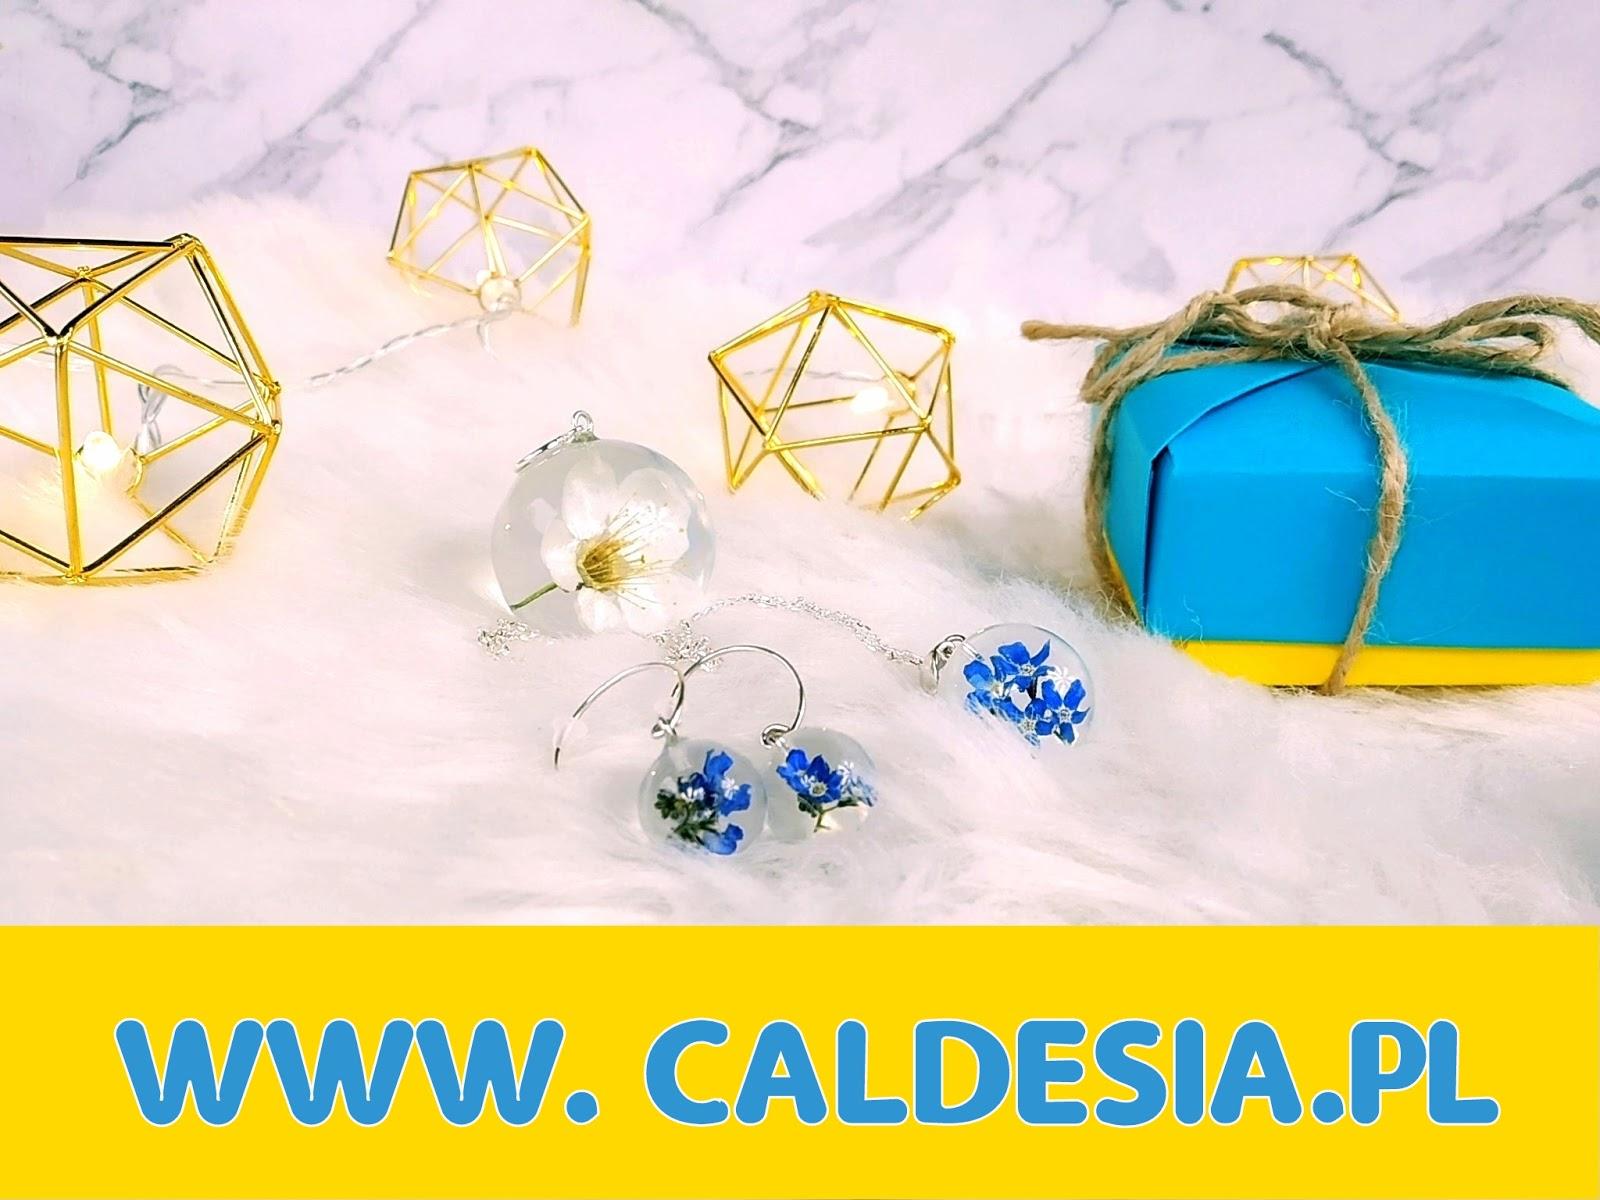 Wiosenne kwiaty skryte w cudownej biżuterii - CALDESIA.PL